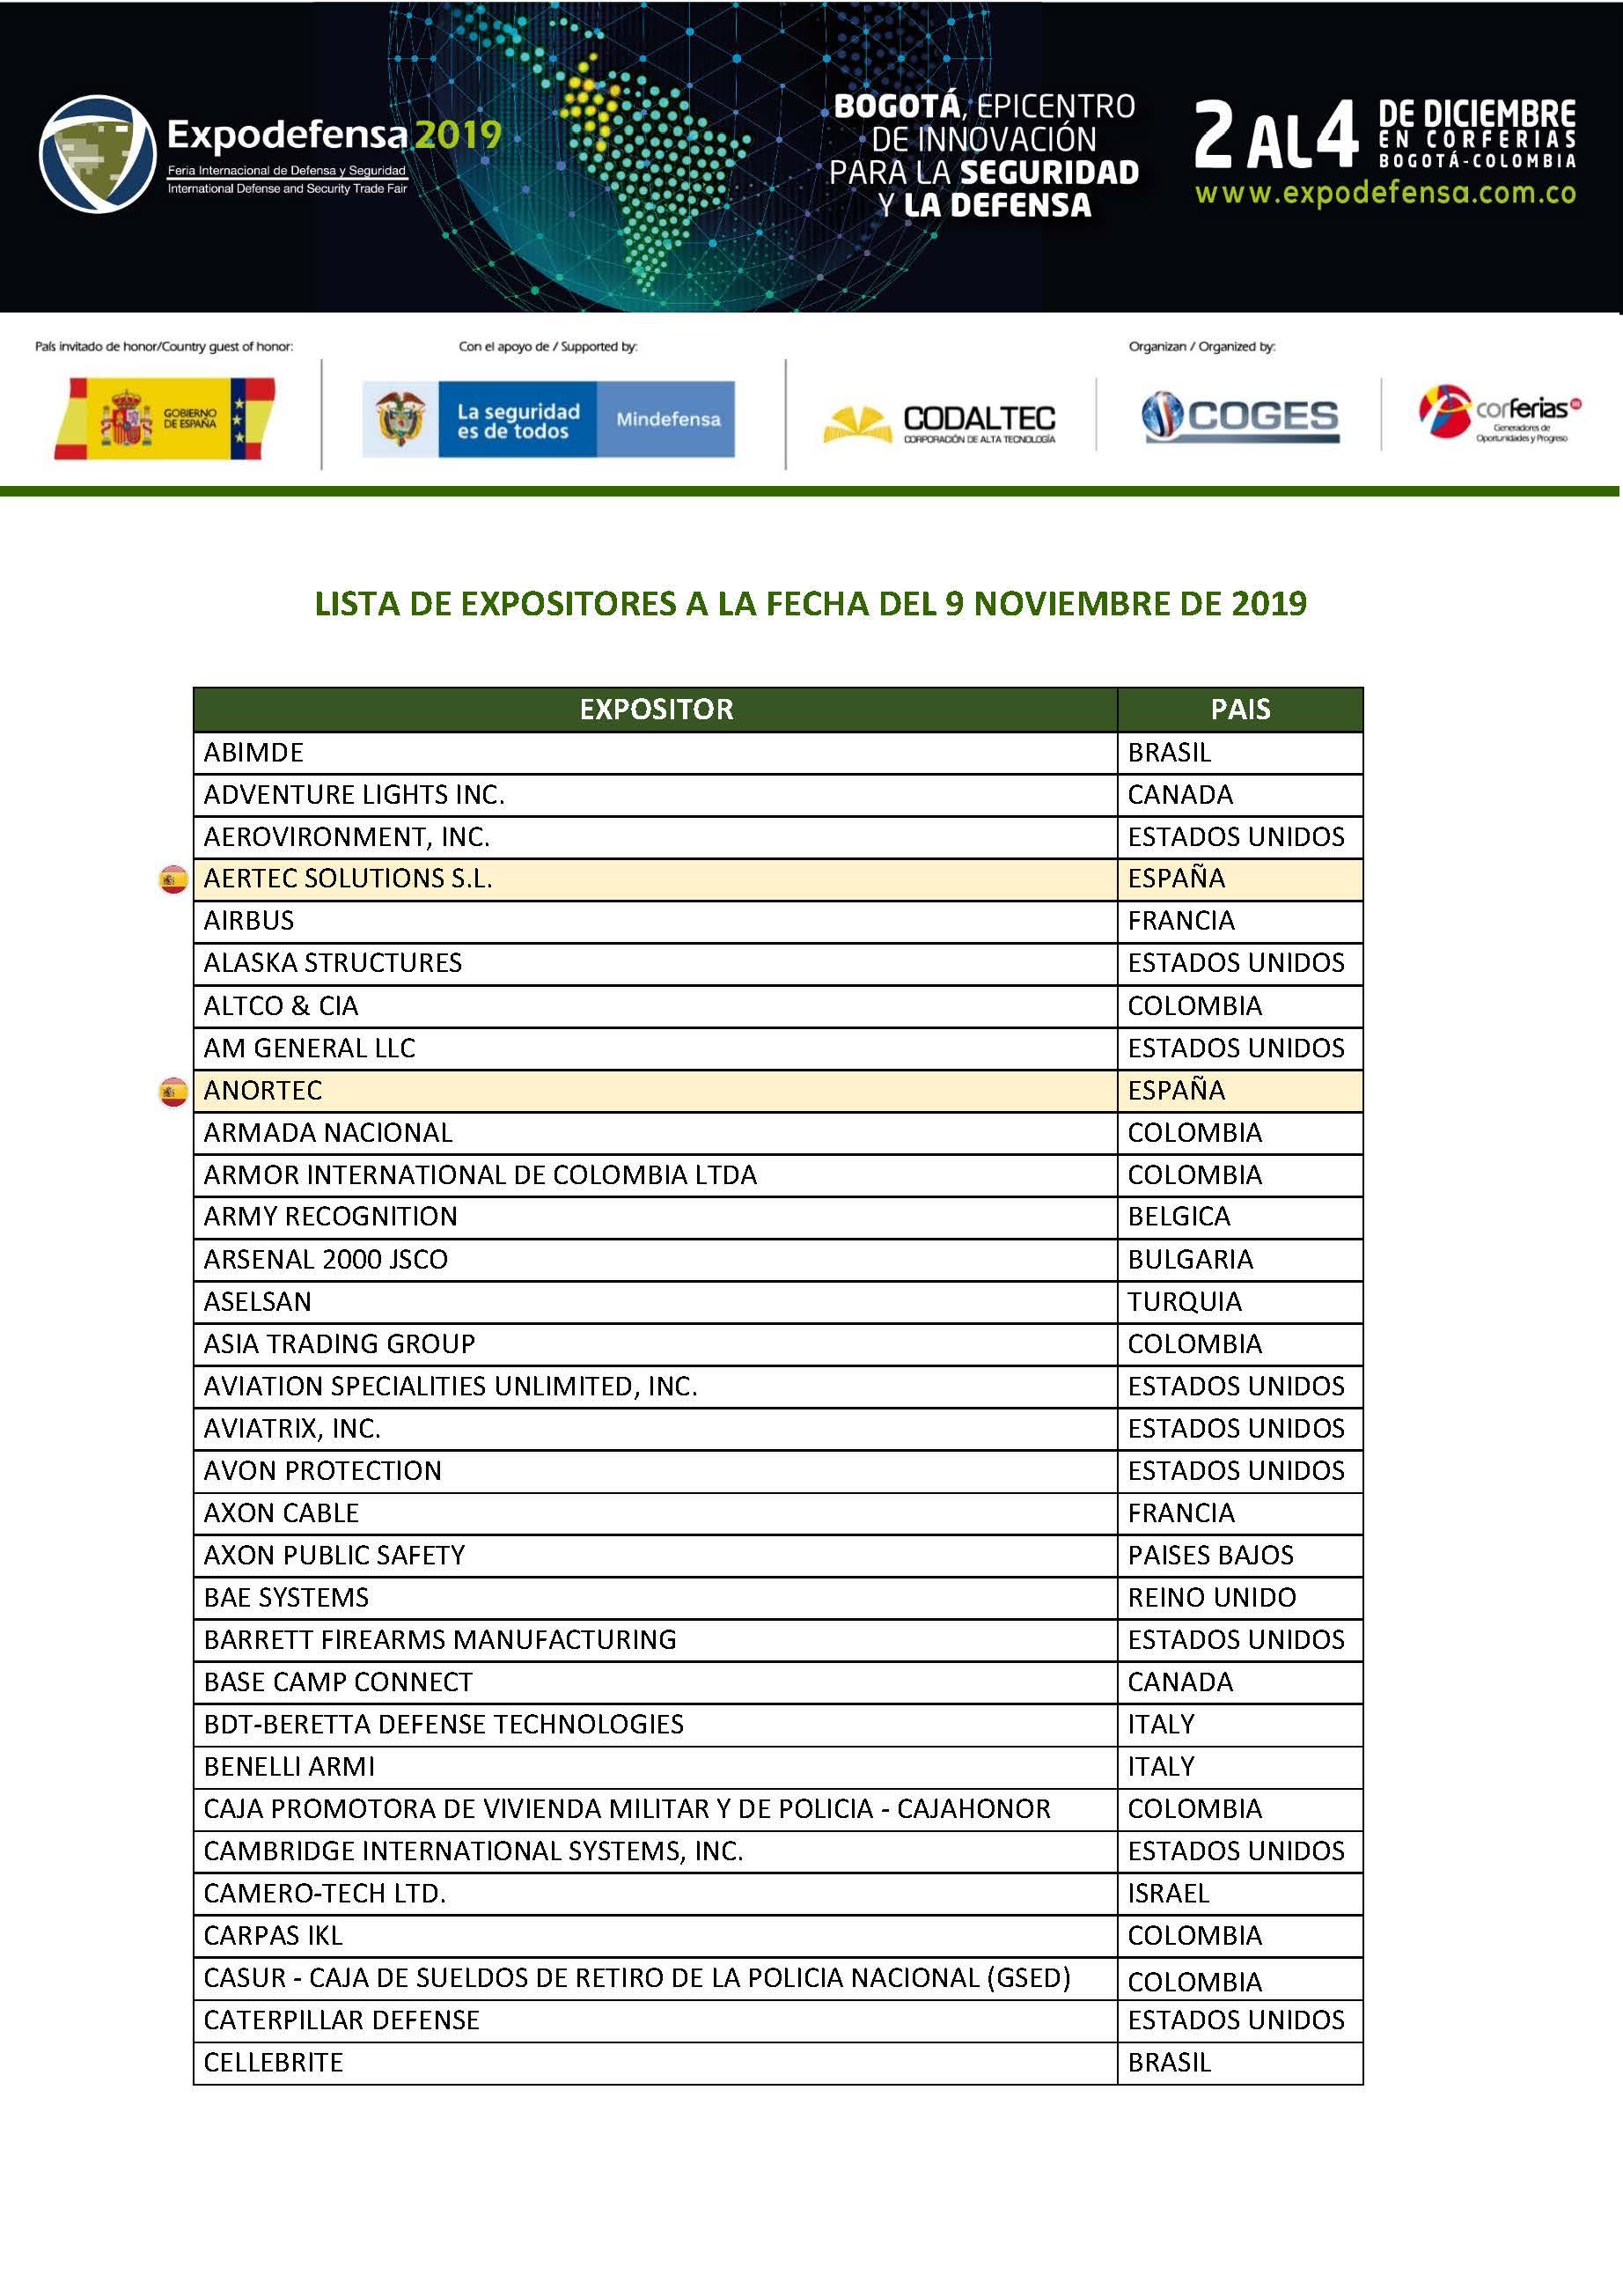 Expodefensa2019_lista de expositores191109_Page_1